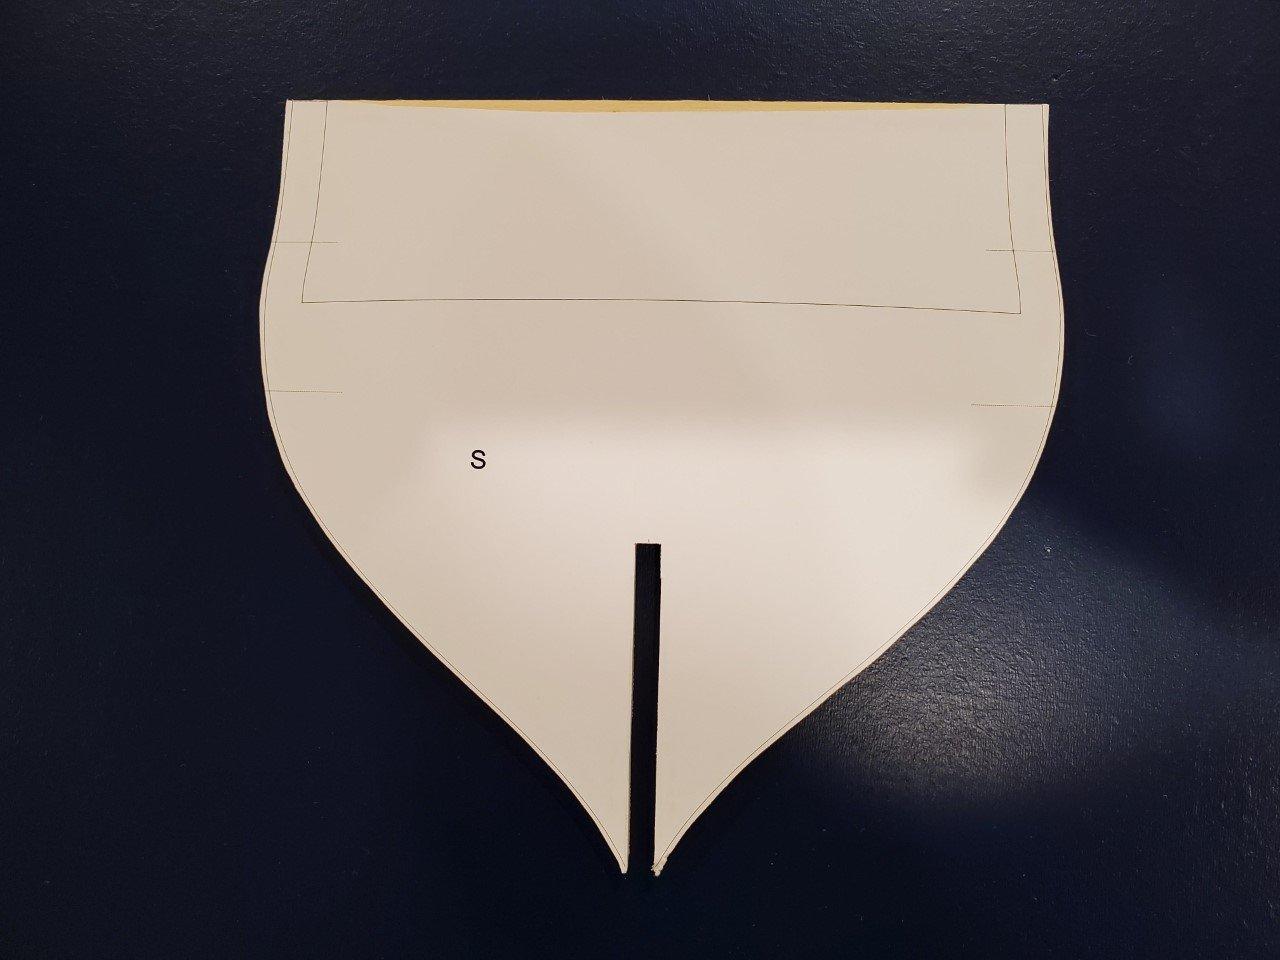 1914592893_bulkheadS.jpg.a2db1c67eef40307db6ead1699546e0a.jpg